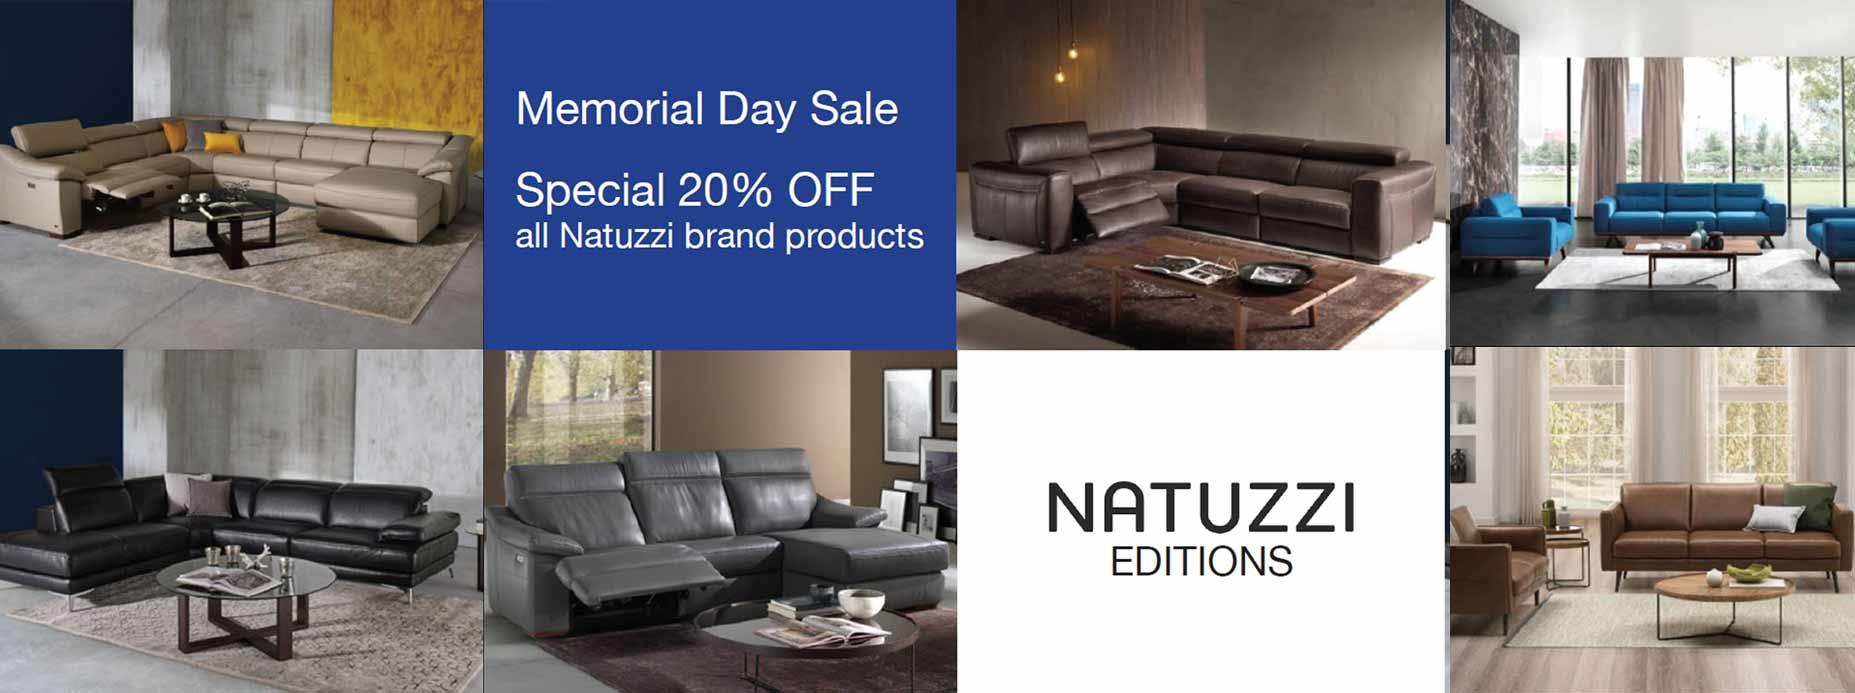 Natuzzi Editions Memorial Day Sale